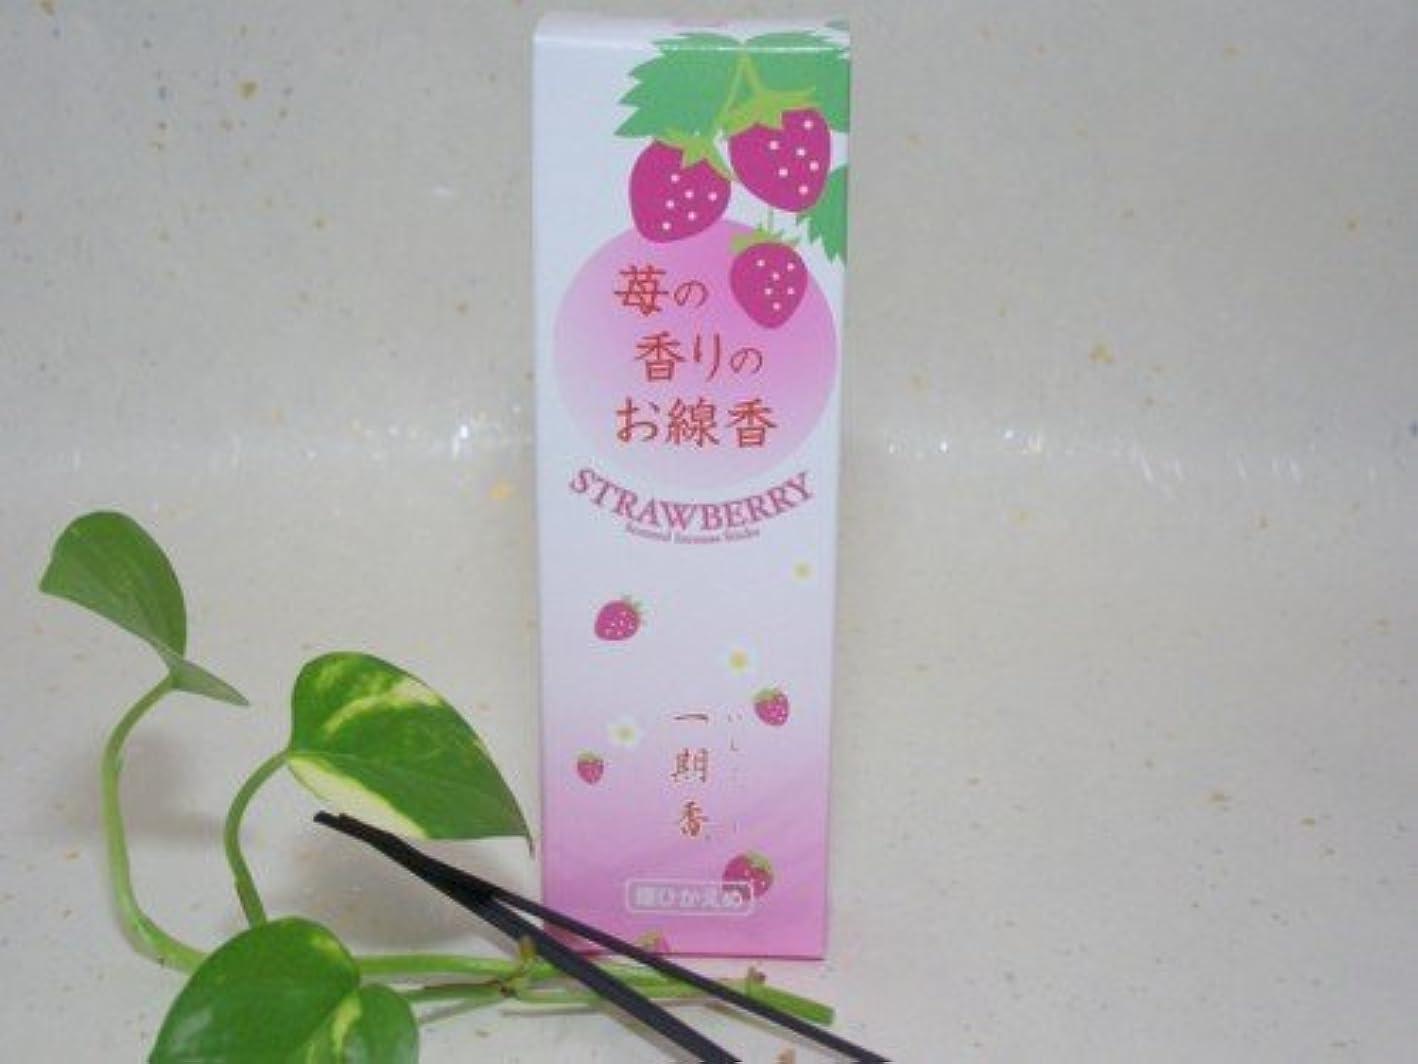 絶望珍味十二一期香(いちごこう)苺の香りのお線香